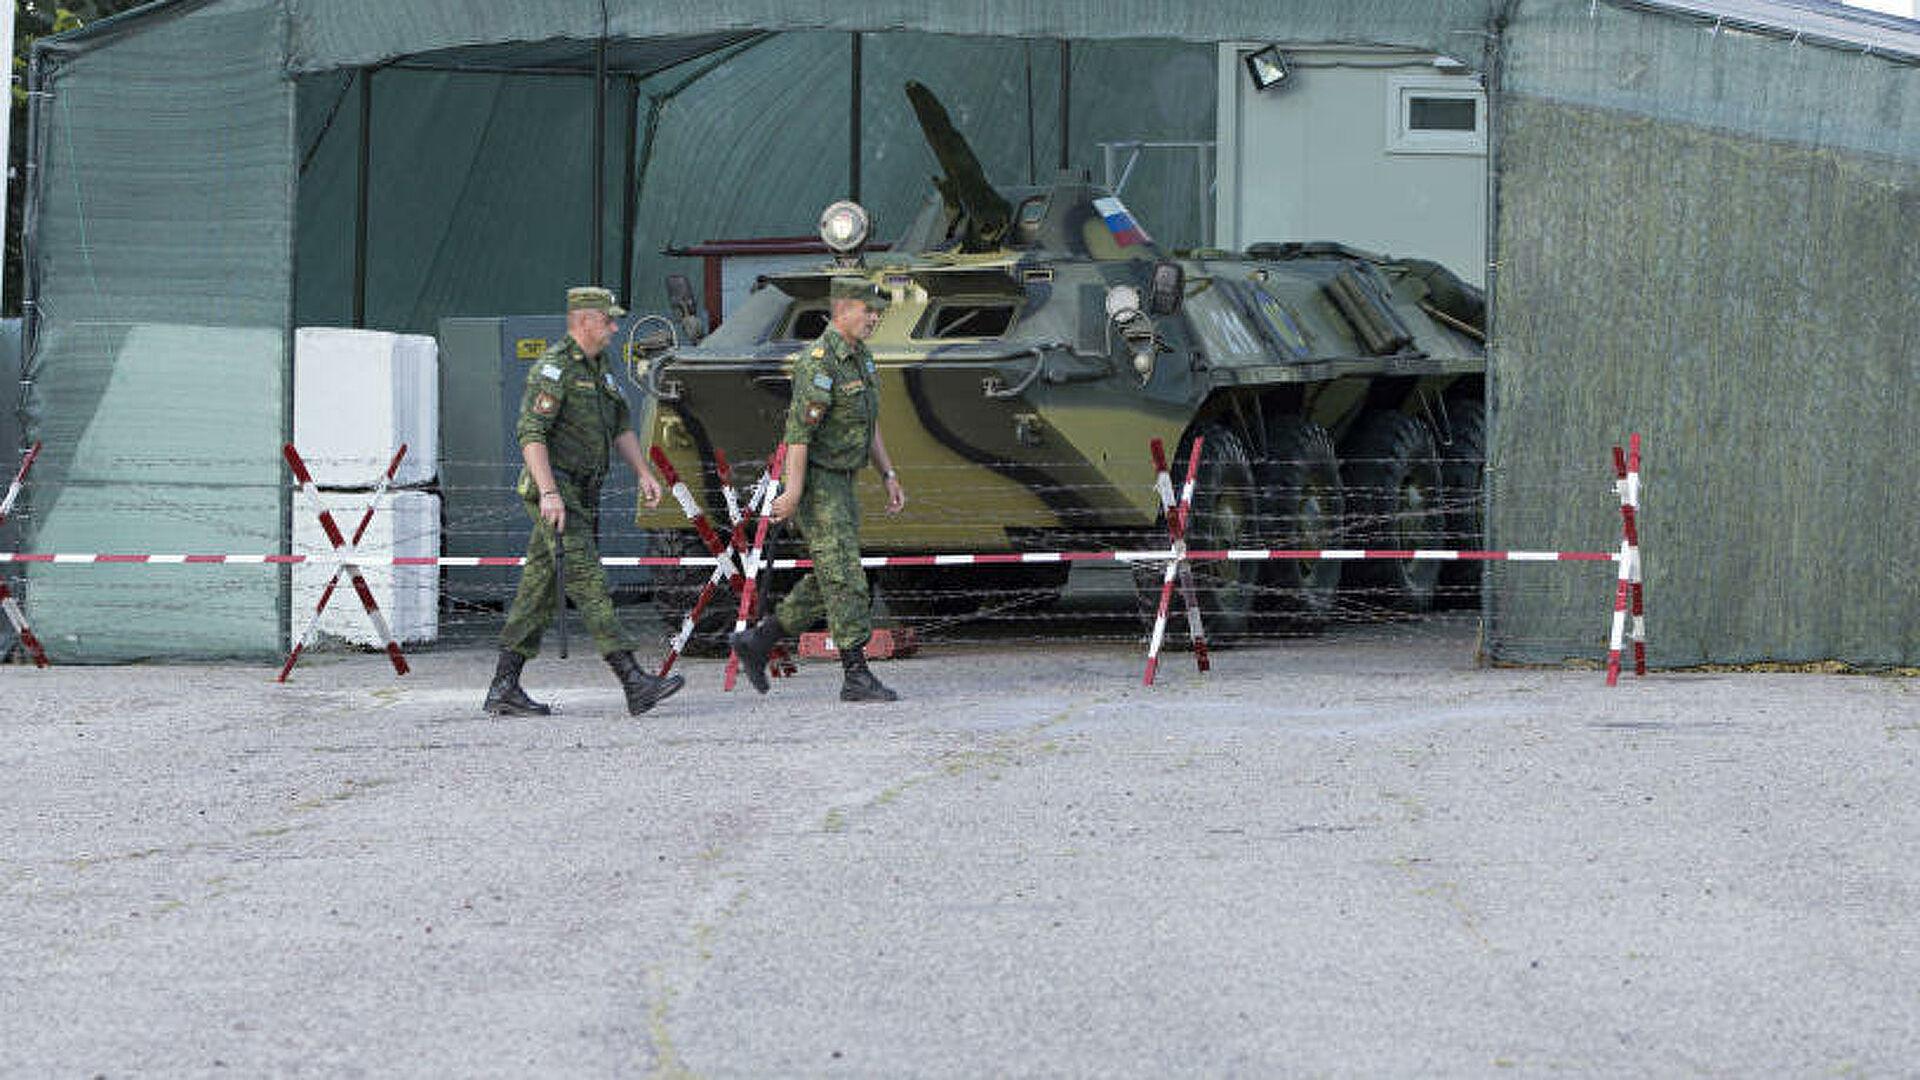 Кремљ: Промена статуса кво може довести до дестабилизације ситуације у Придњестровљу